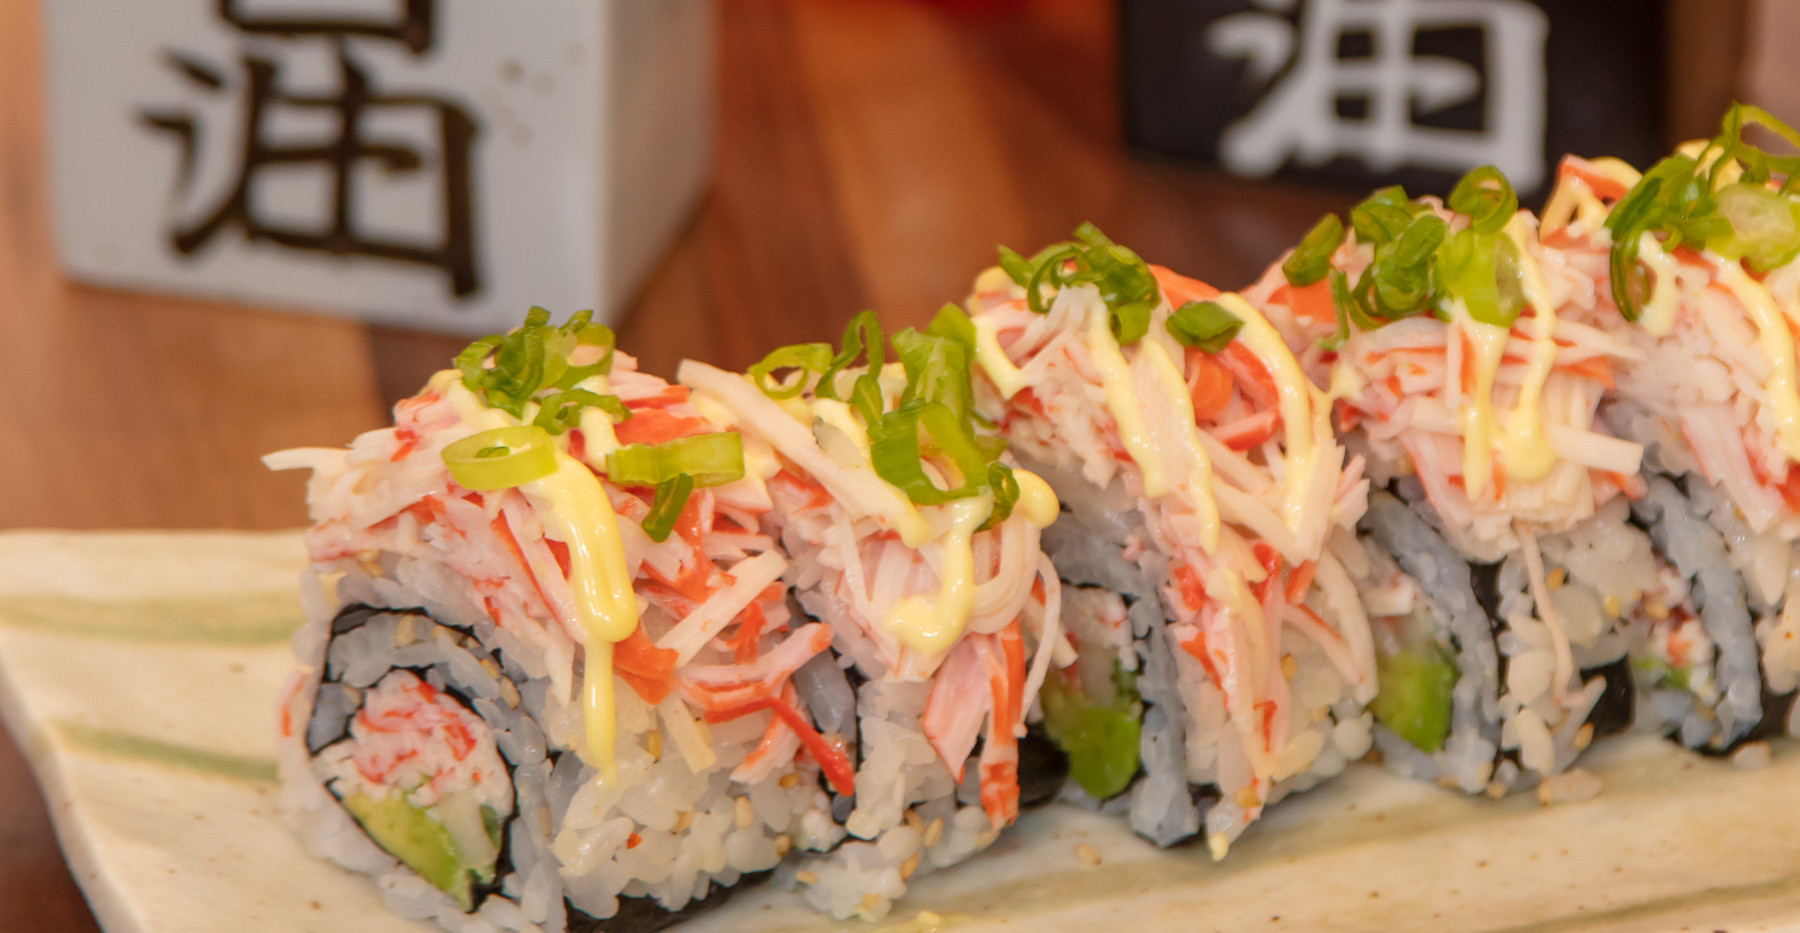 Sushi Rolls - set 2 - 1Z3A1597.jpg